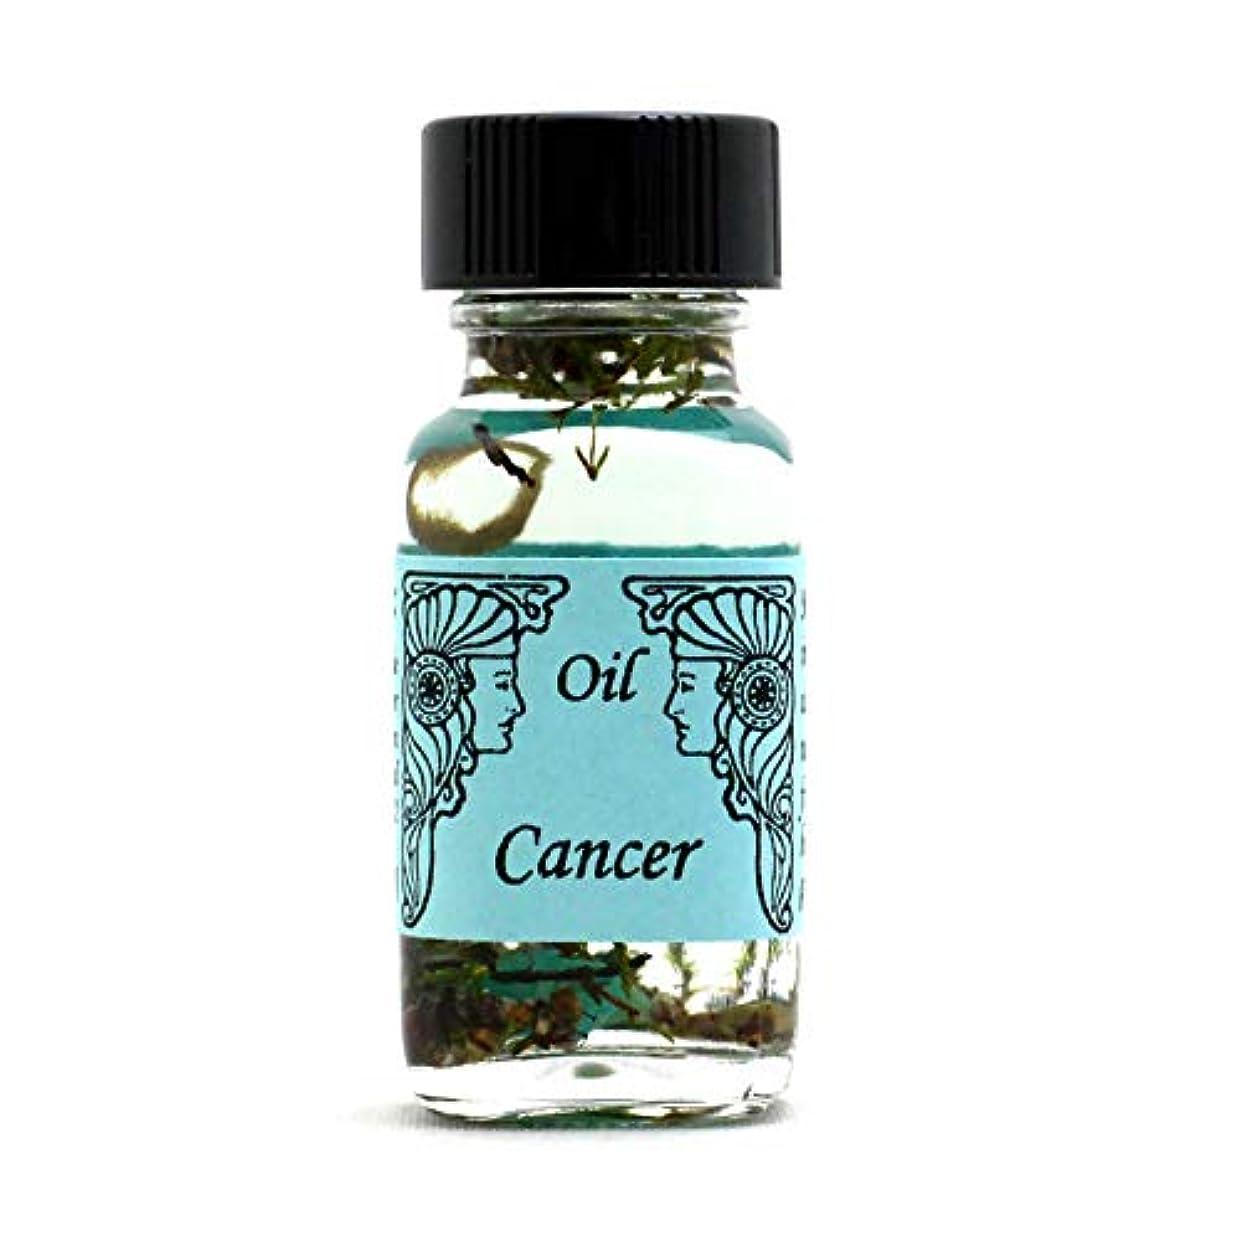 アンシェントメモリーオイル 12星座オイル(占星術オイル)Cancer 蟹座 6月21日~7月22日